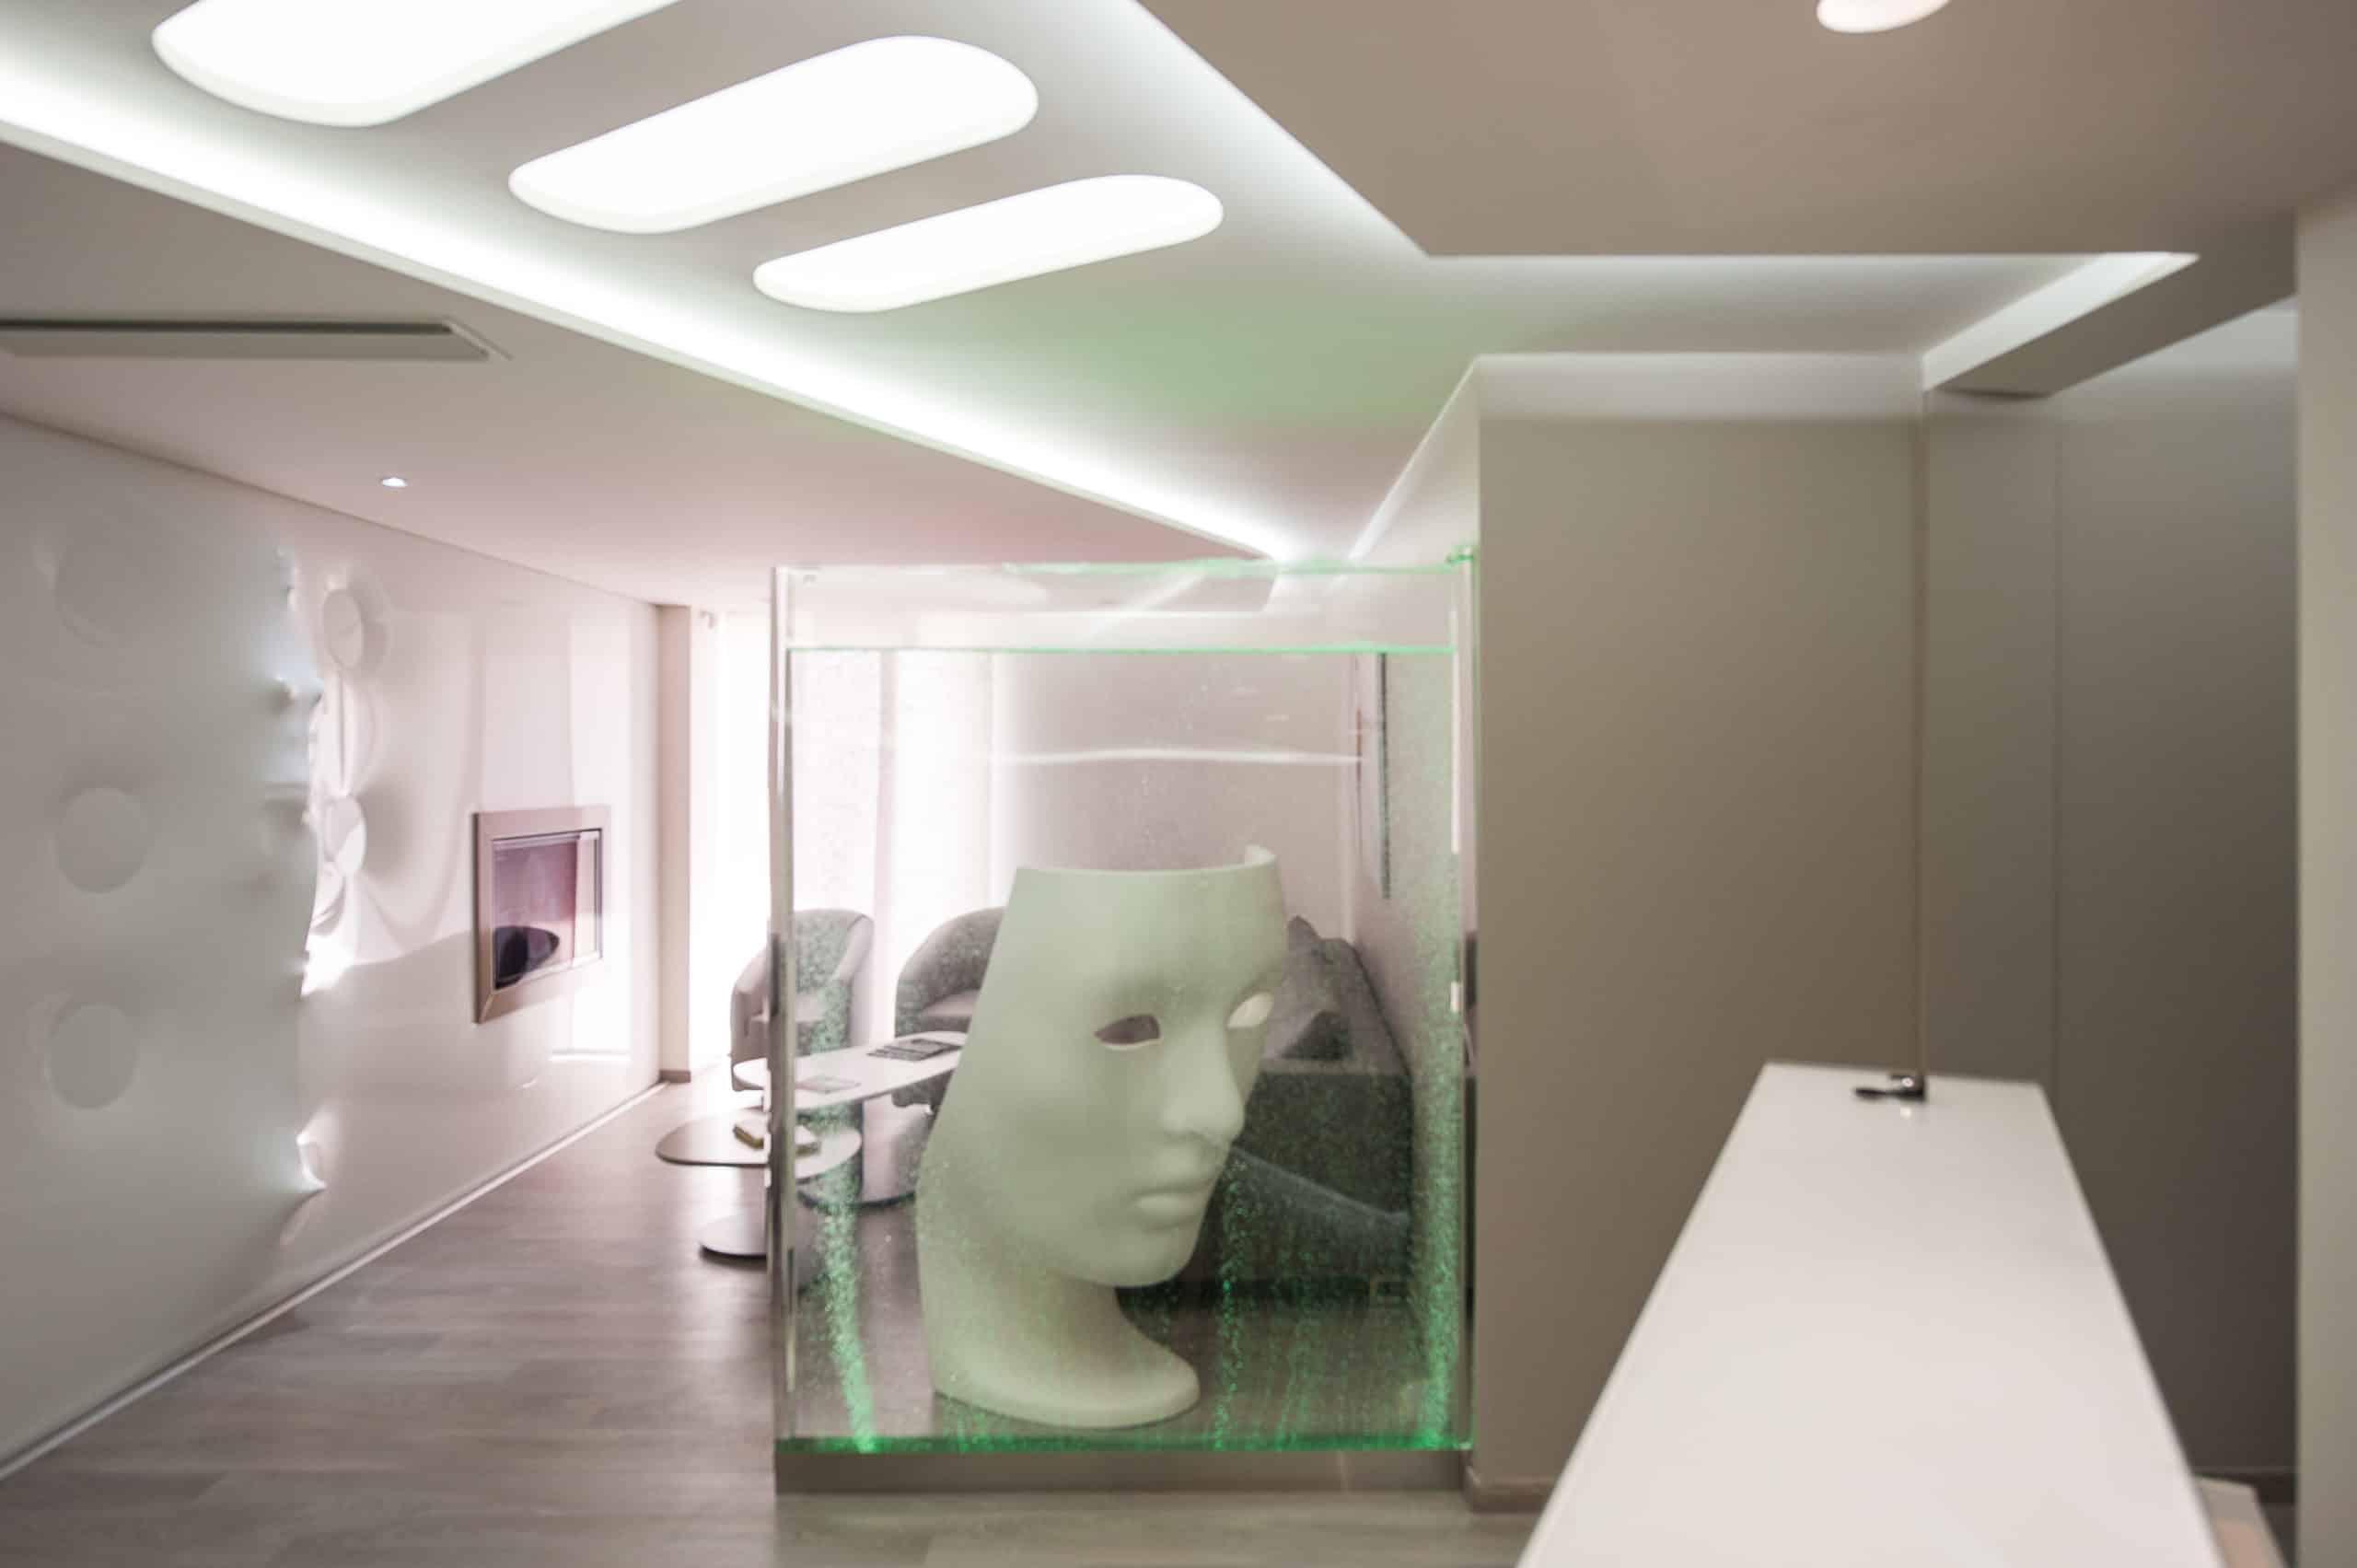 Σχεδιασμός κατασκευής Ιατρείου Πλαστικής Χειρουργικής στην Τρίπολη